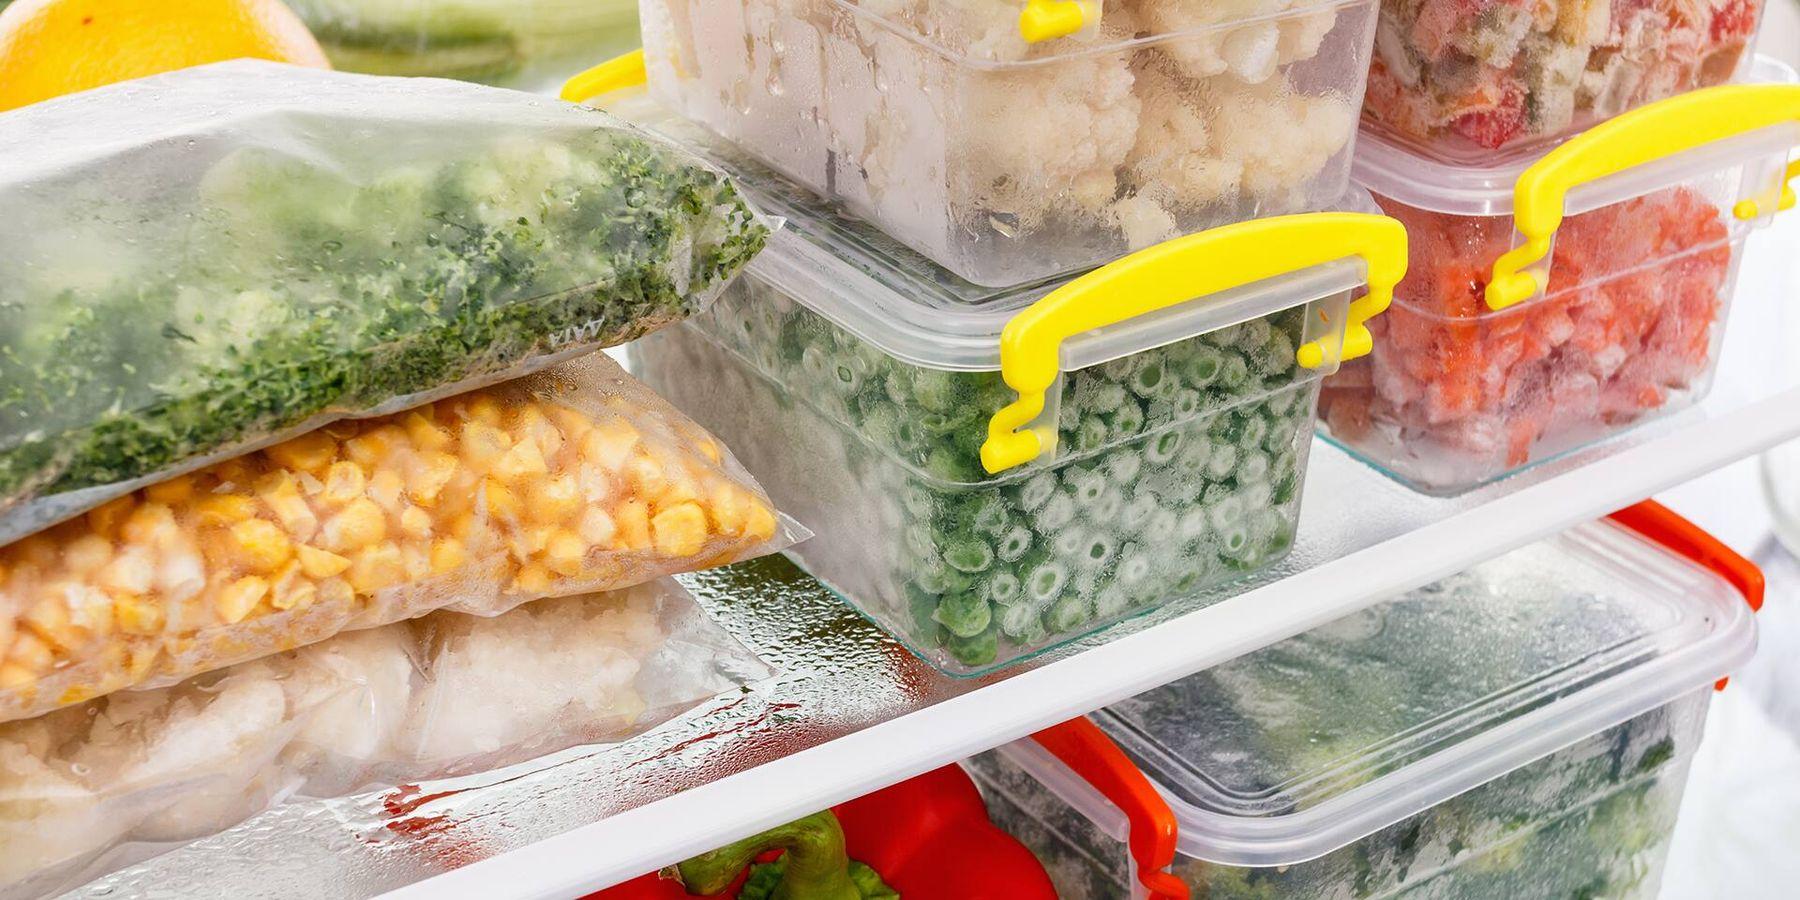 Cắt nhỏ rau củ trước khi cho vào tủ lạnh khiến chúng mau hư